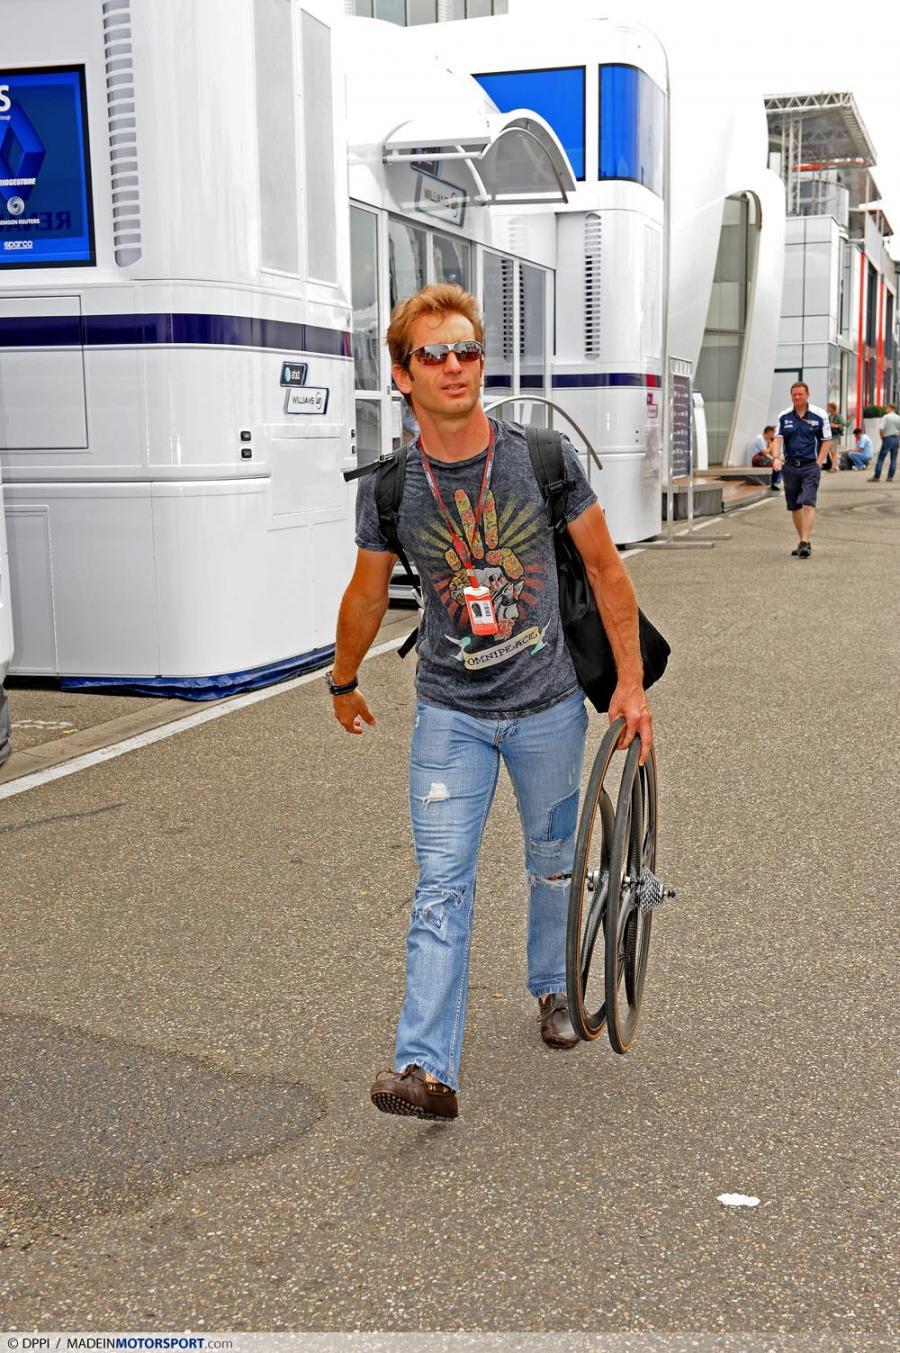 Ярно Трулли на Гран-при Германии 2010